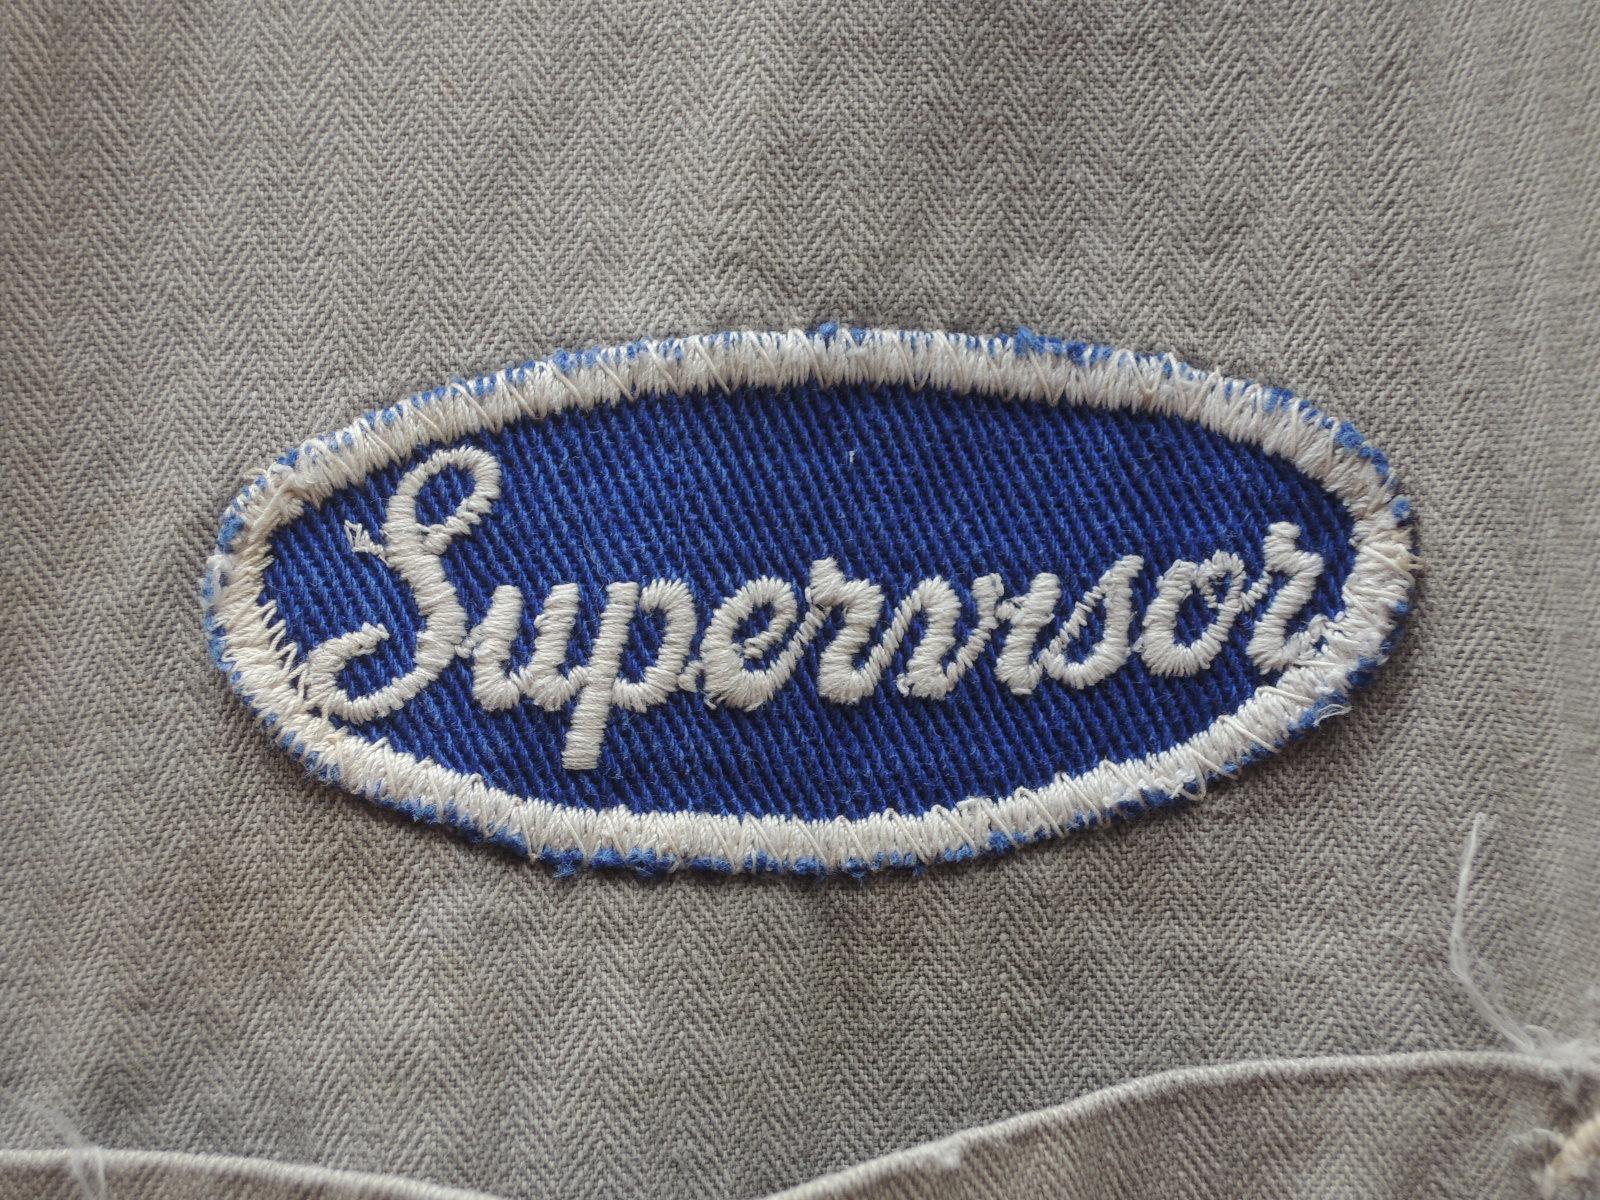 Herringboneshopcoat_05.JPG